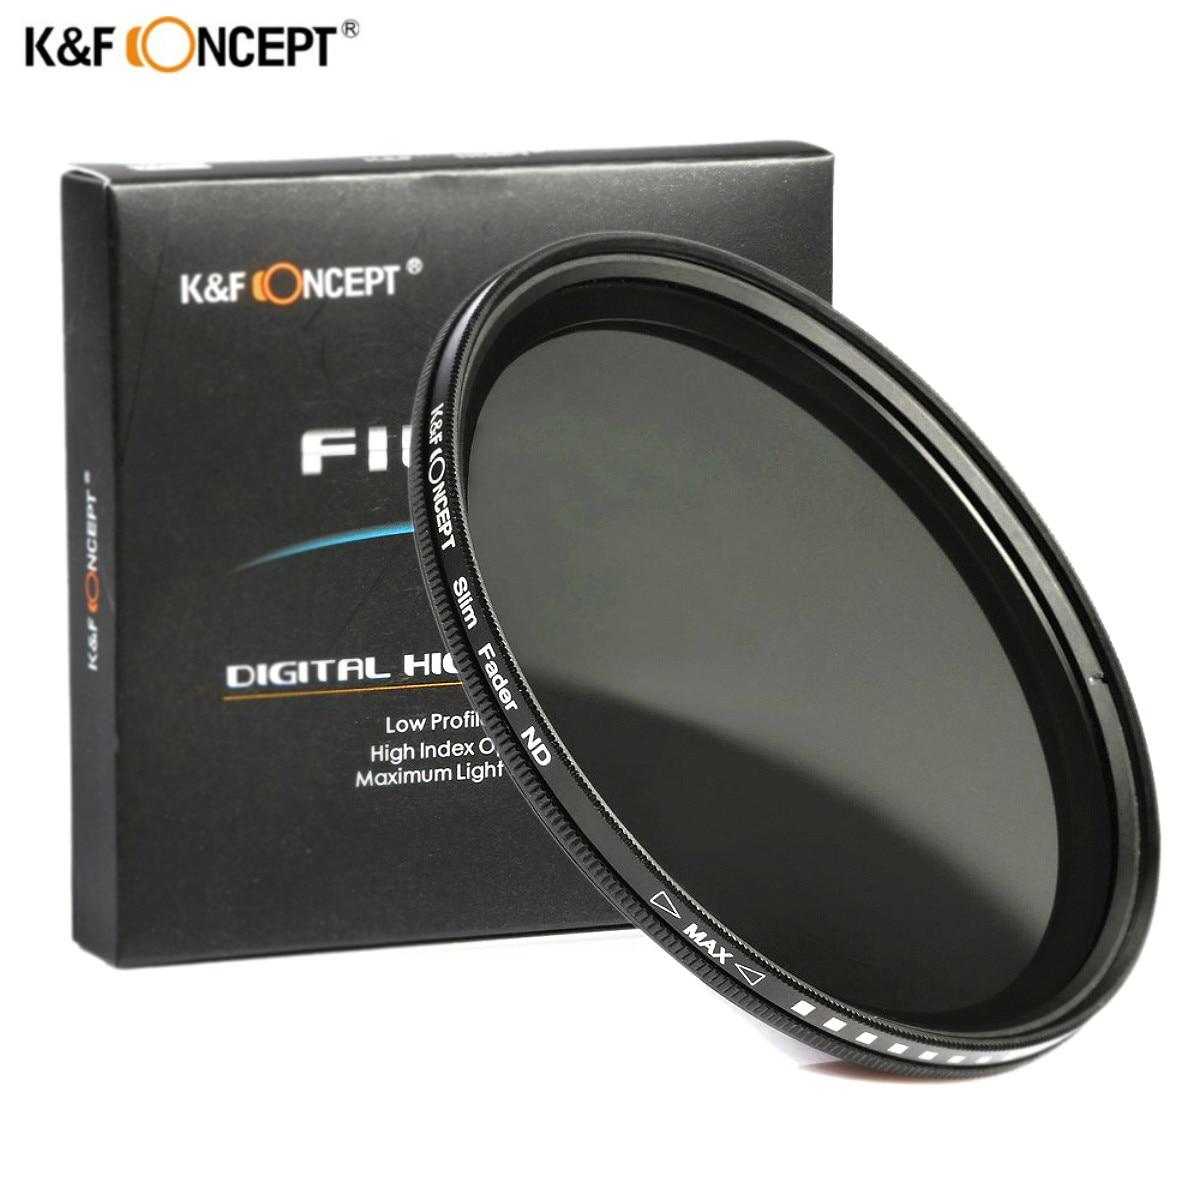 K&F CONCEPT 52MM 55MM 58MM 62MM 67MM 72MM 77MM Slim Fader Variable ND Lens Filter Adjustable ND2 to ND400 Neutral Density